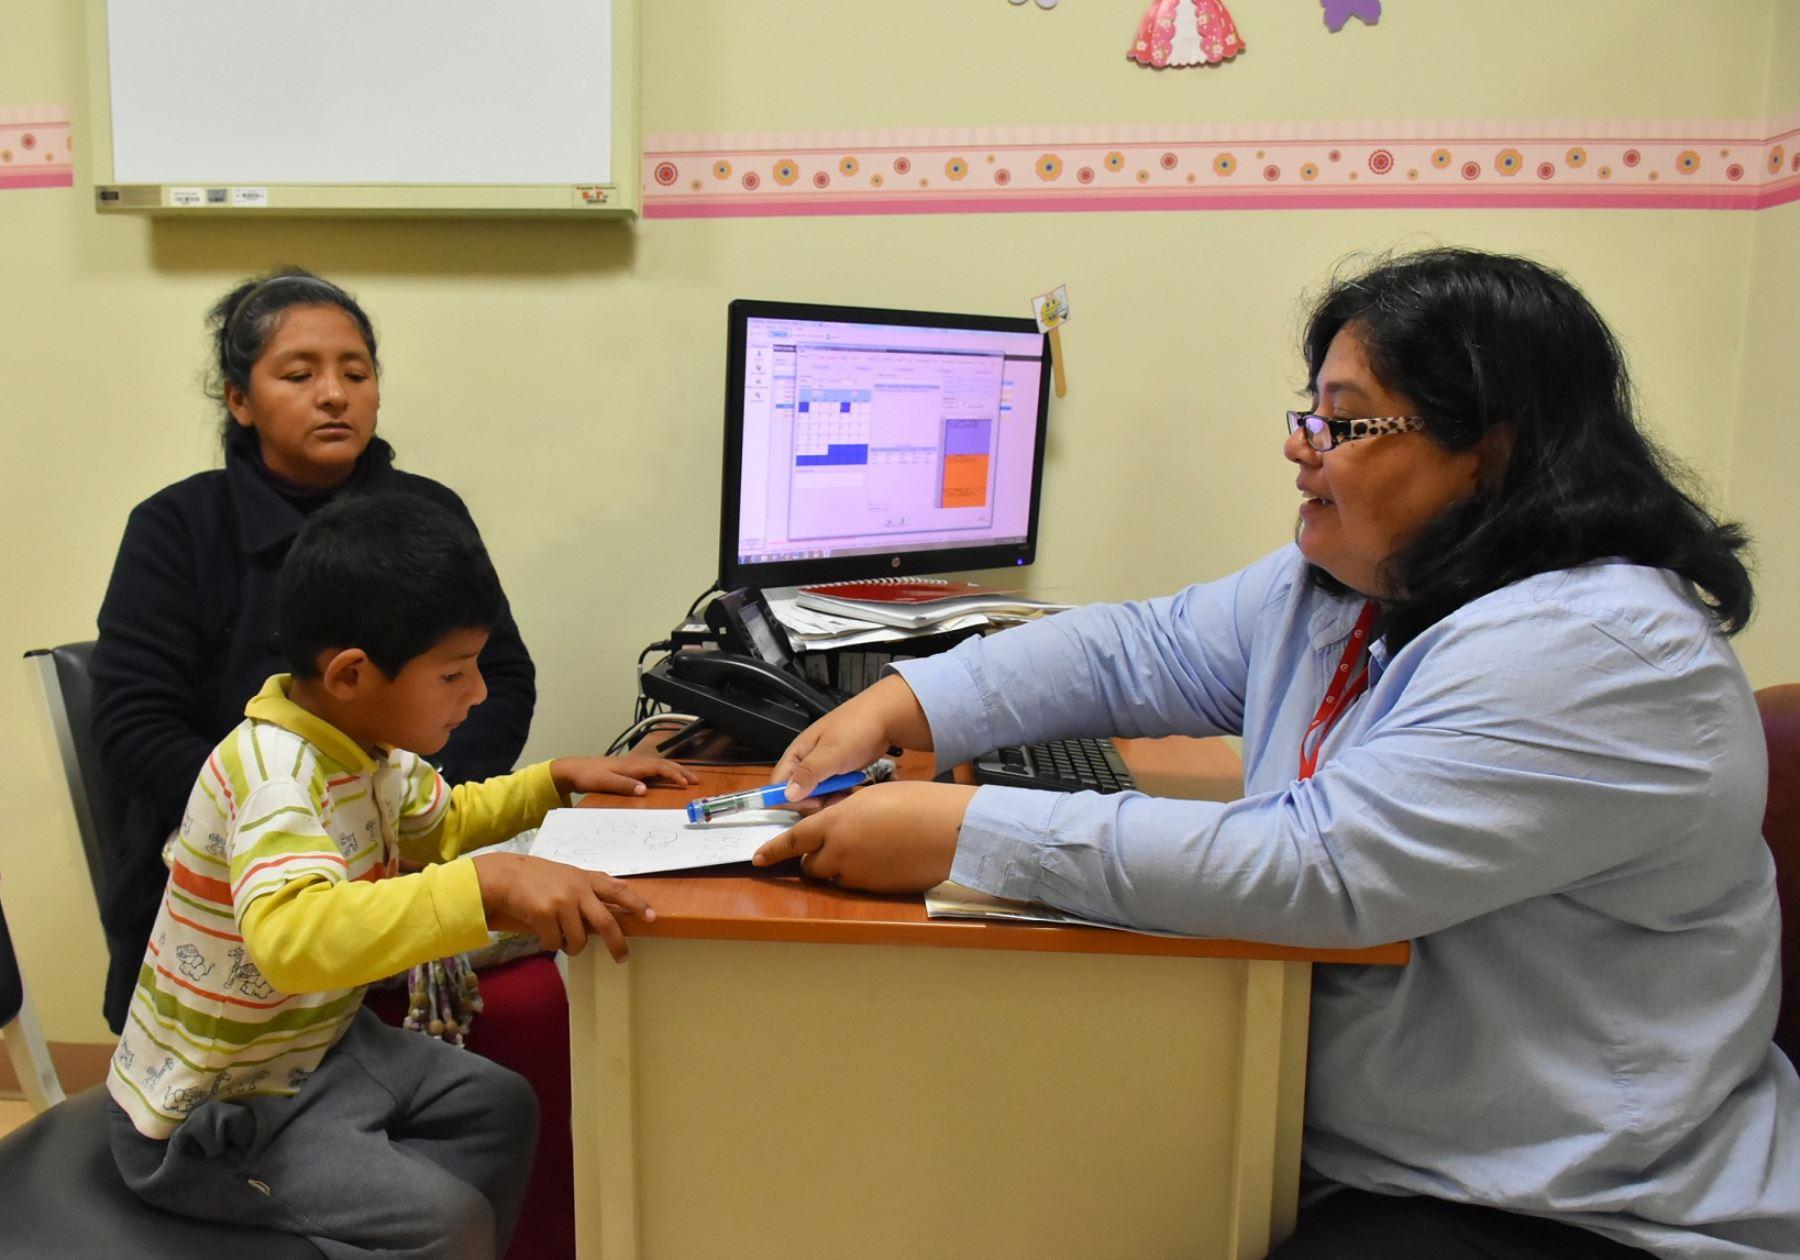 Instituto de Salud del Niño de San Borja, informó que padres de familia persisten en usar castigo físico para corregir a sus hijos.